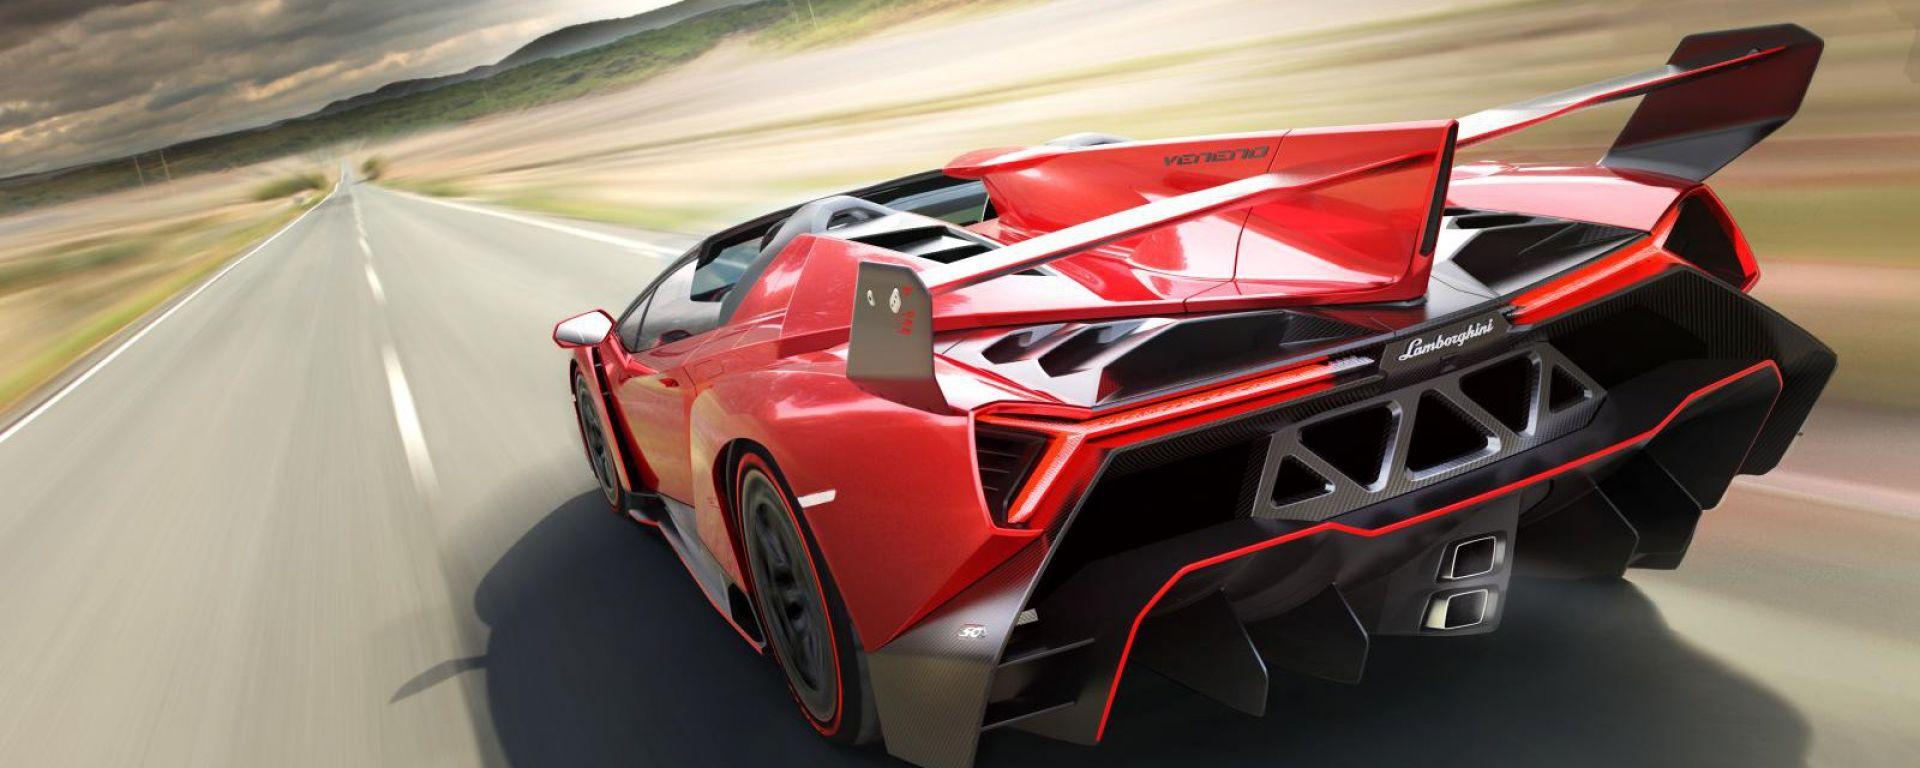 Lamborghini Veneno Roadster, nuove foto